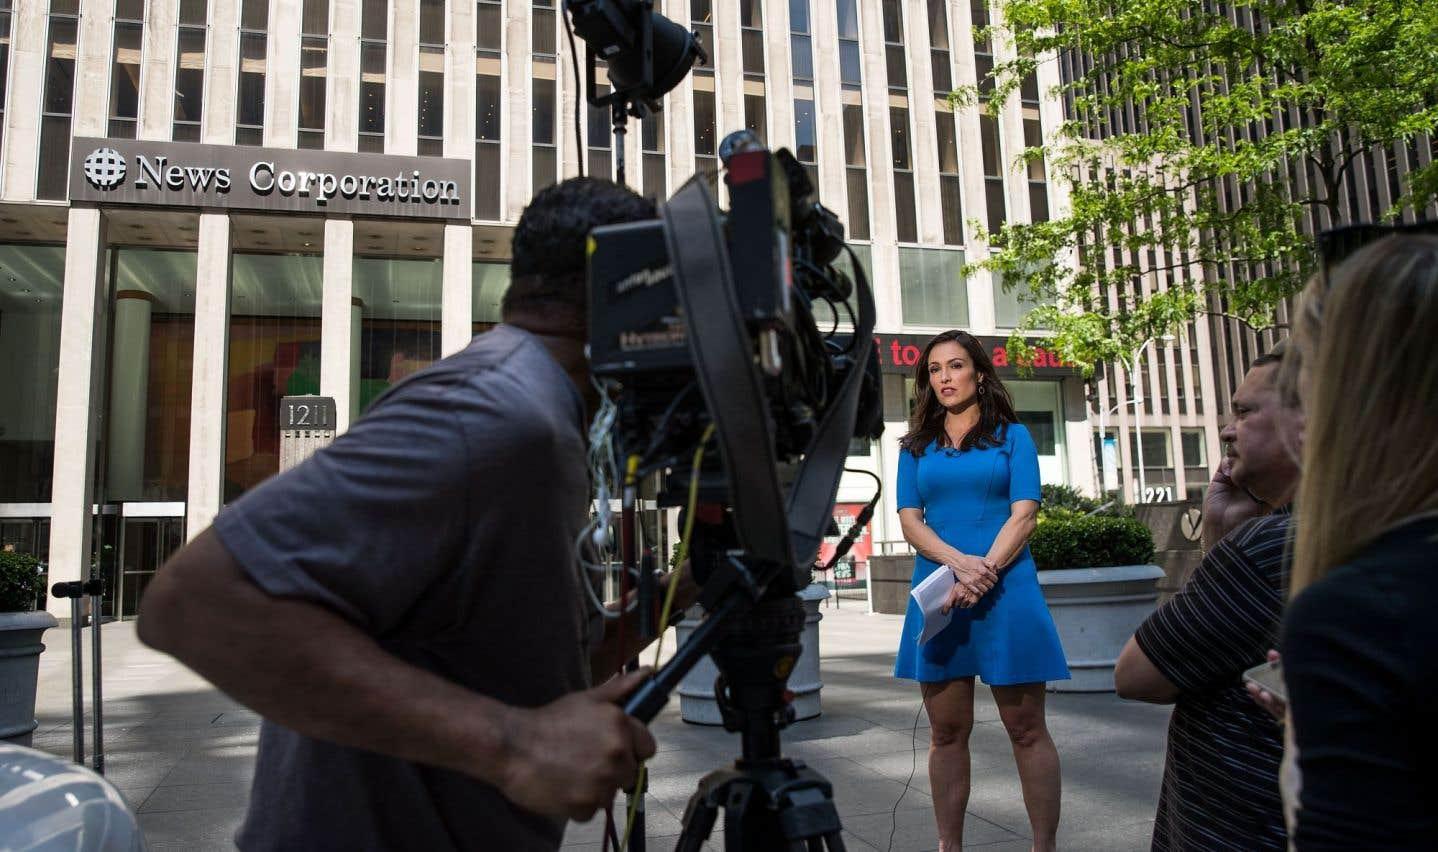 Une journaliste est en plein tournage devant le siège new-yorkais de News Corporarion, où sont situés les studios de Fox News.